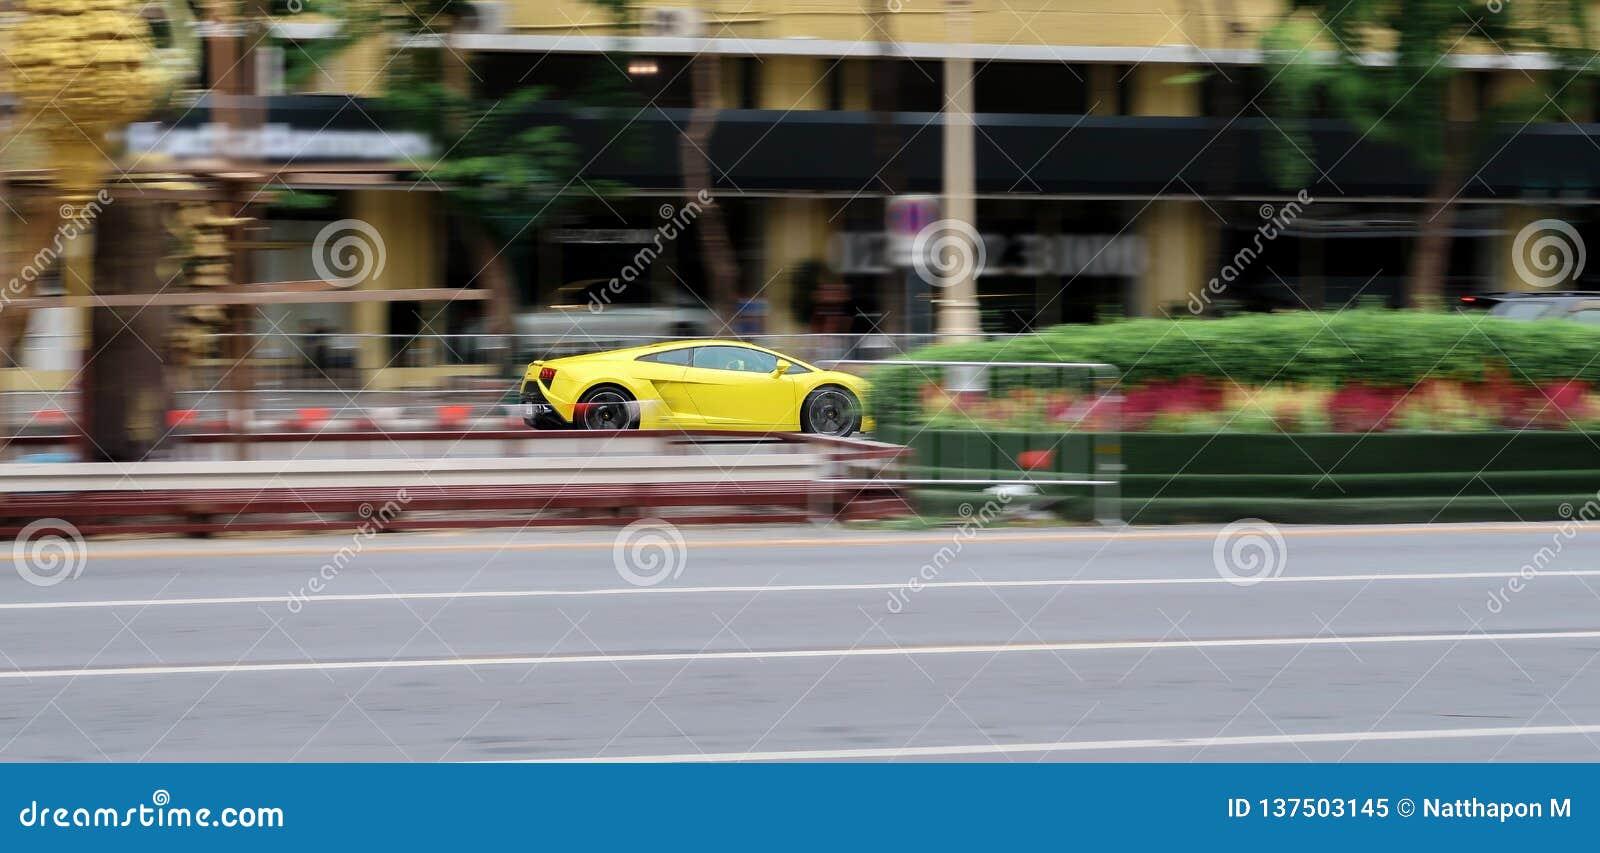 Желтое Lamborghini Gallardo управляя очень быстрым на улице нерезкость предпосылки запачкала движение frisbee задвижки скача к